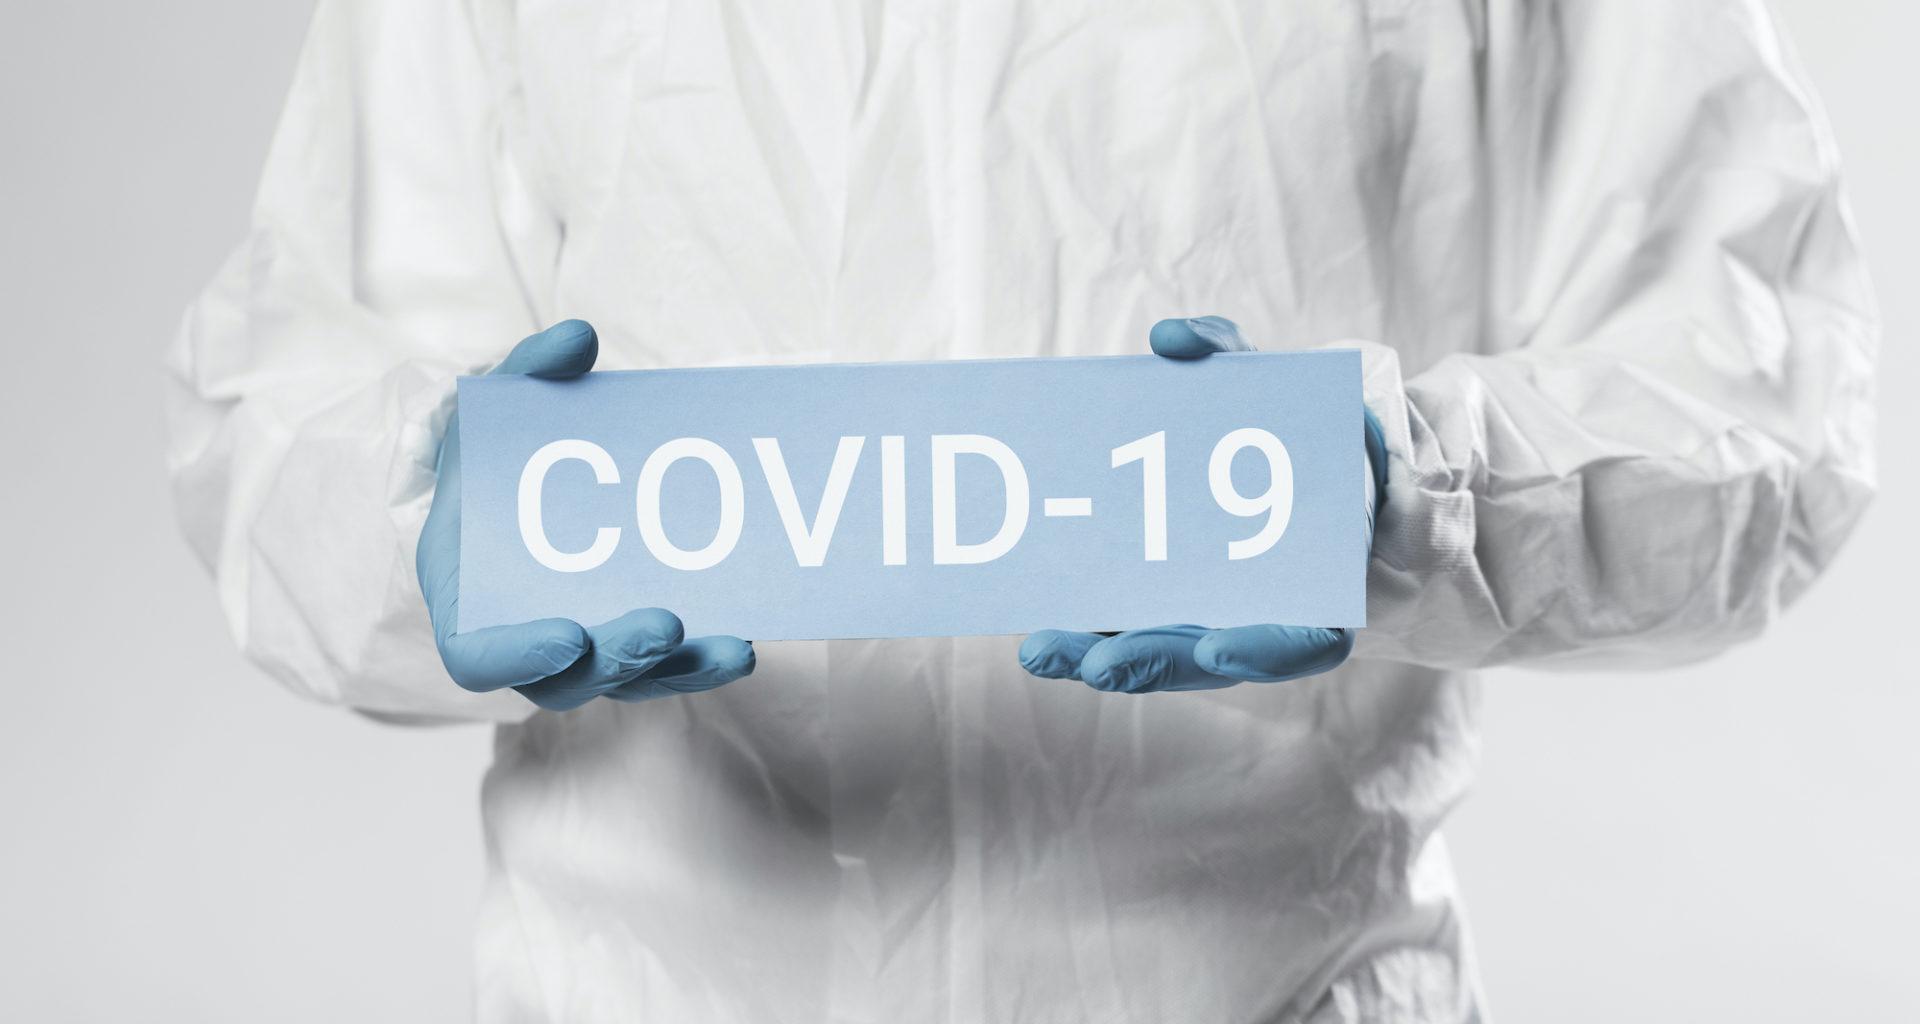 Bahaya COVID 19 dan Cara Mencegahnya